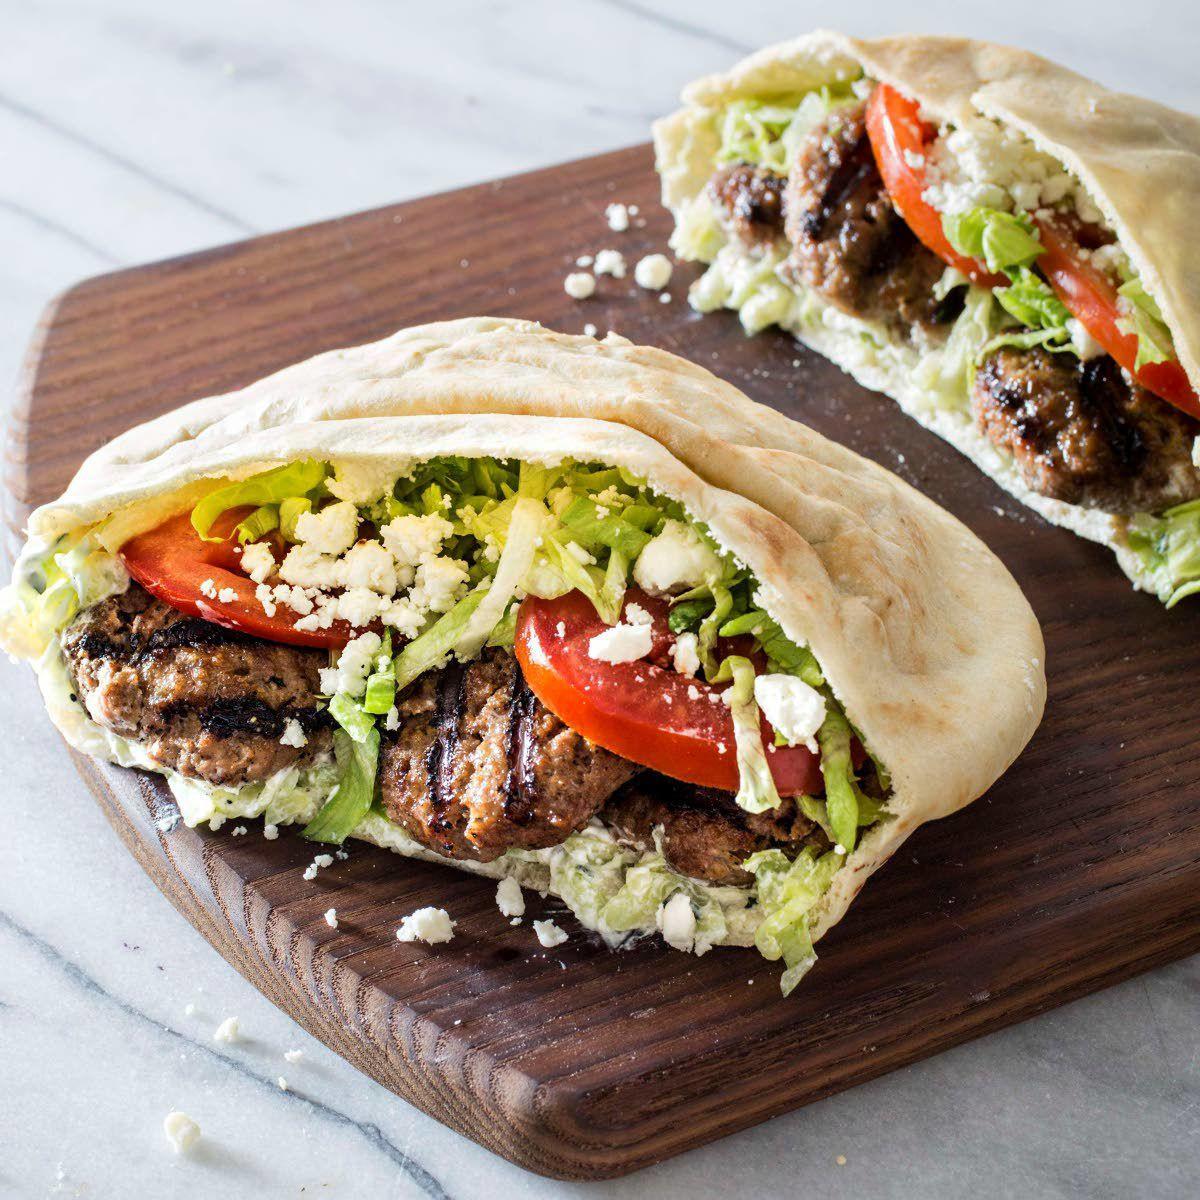 Grilled lamb patties help mimic Greek gyro